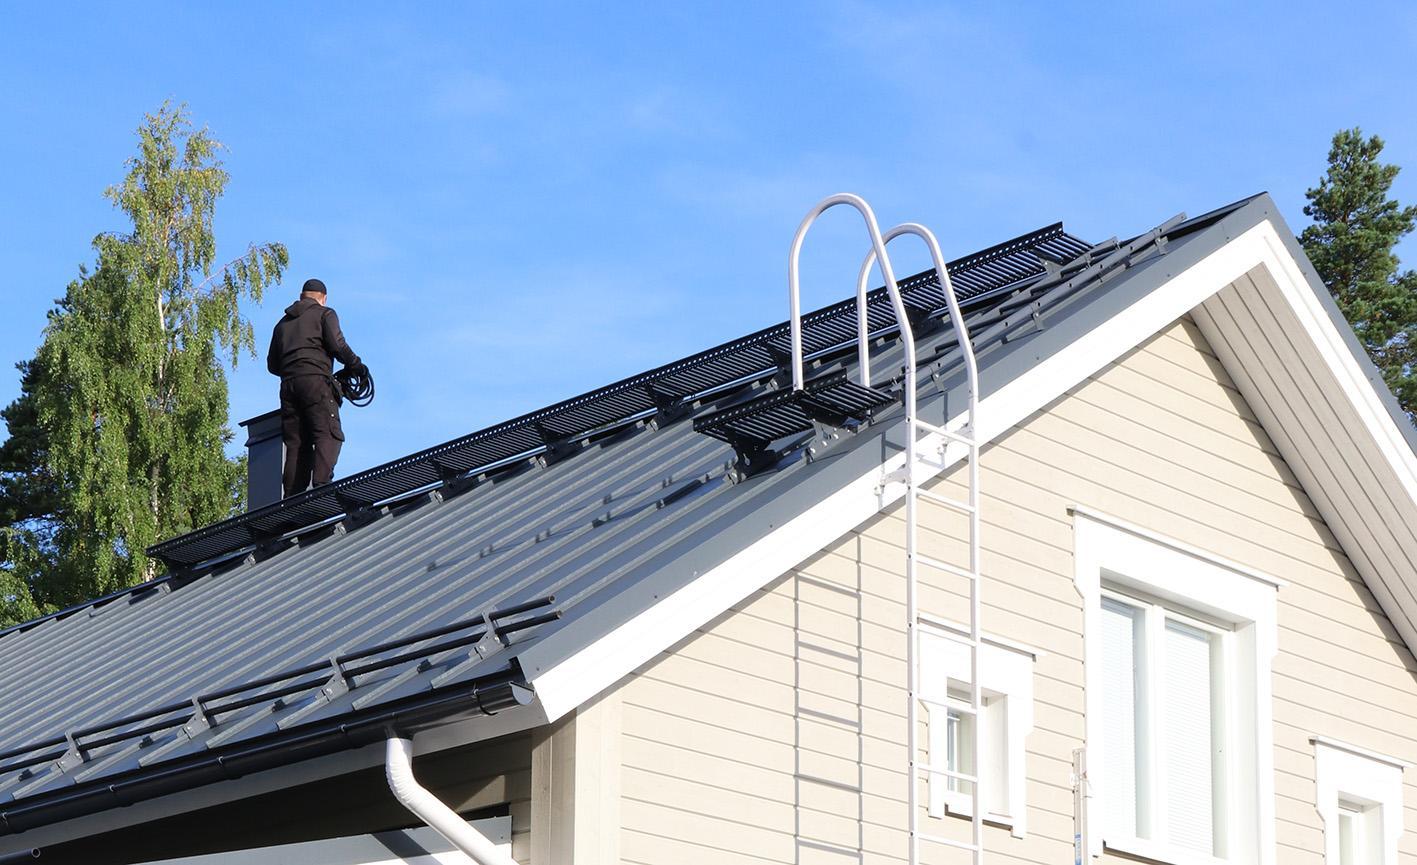 Pisko Kattaturvatuotteilla, seinätikkailla, kattotikkailla ja kattosillalla nuohooja pääsee helposti katolle ja liikkumaan siellä turvallisesti.